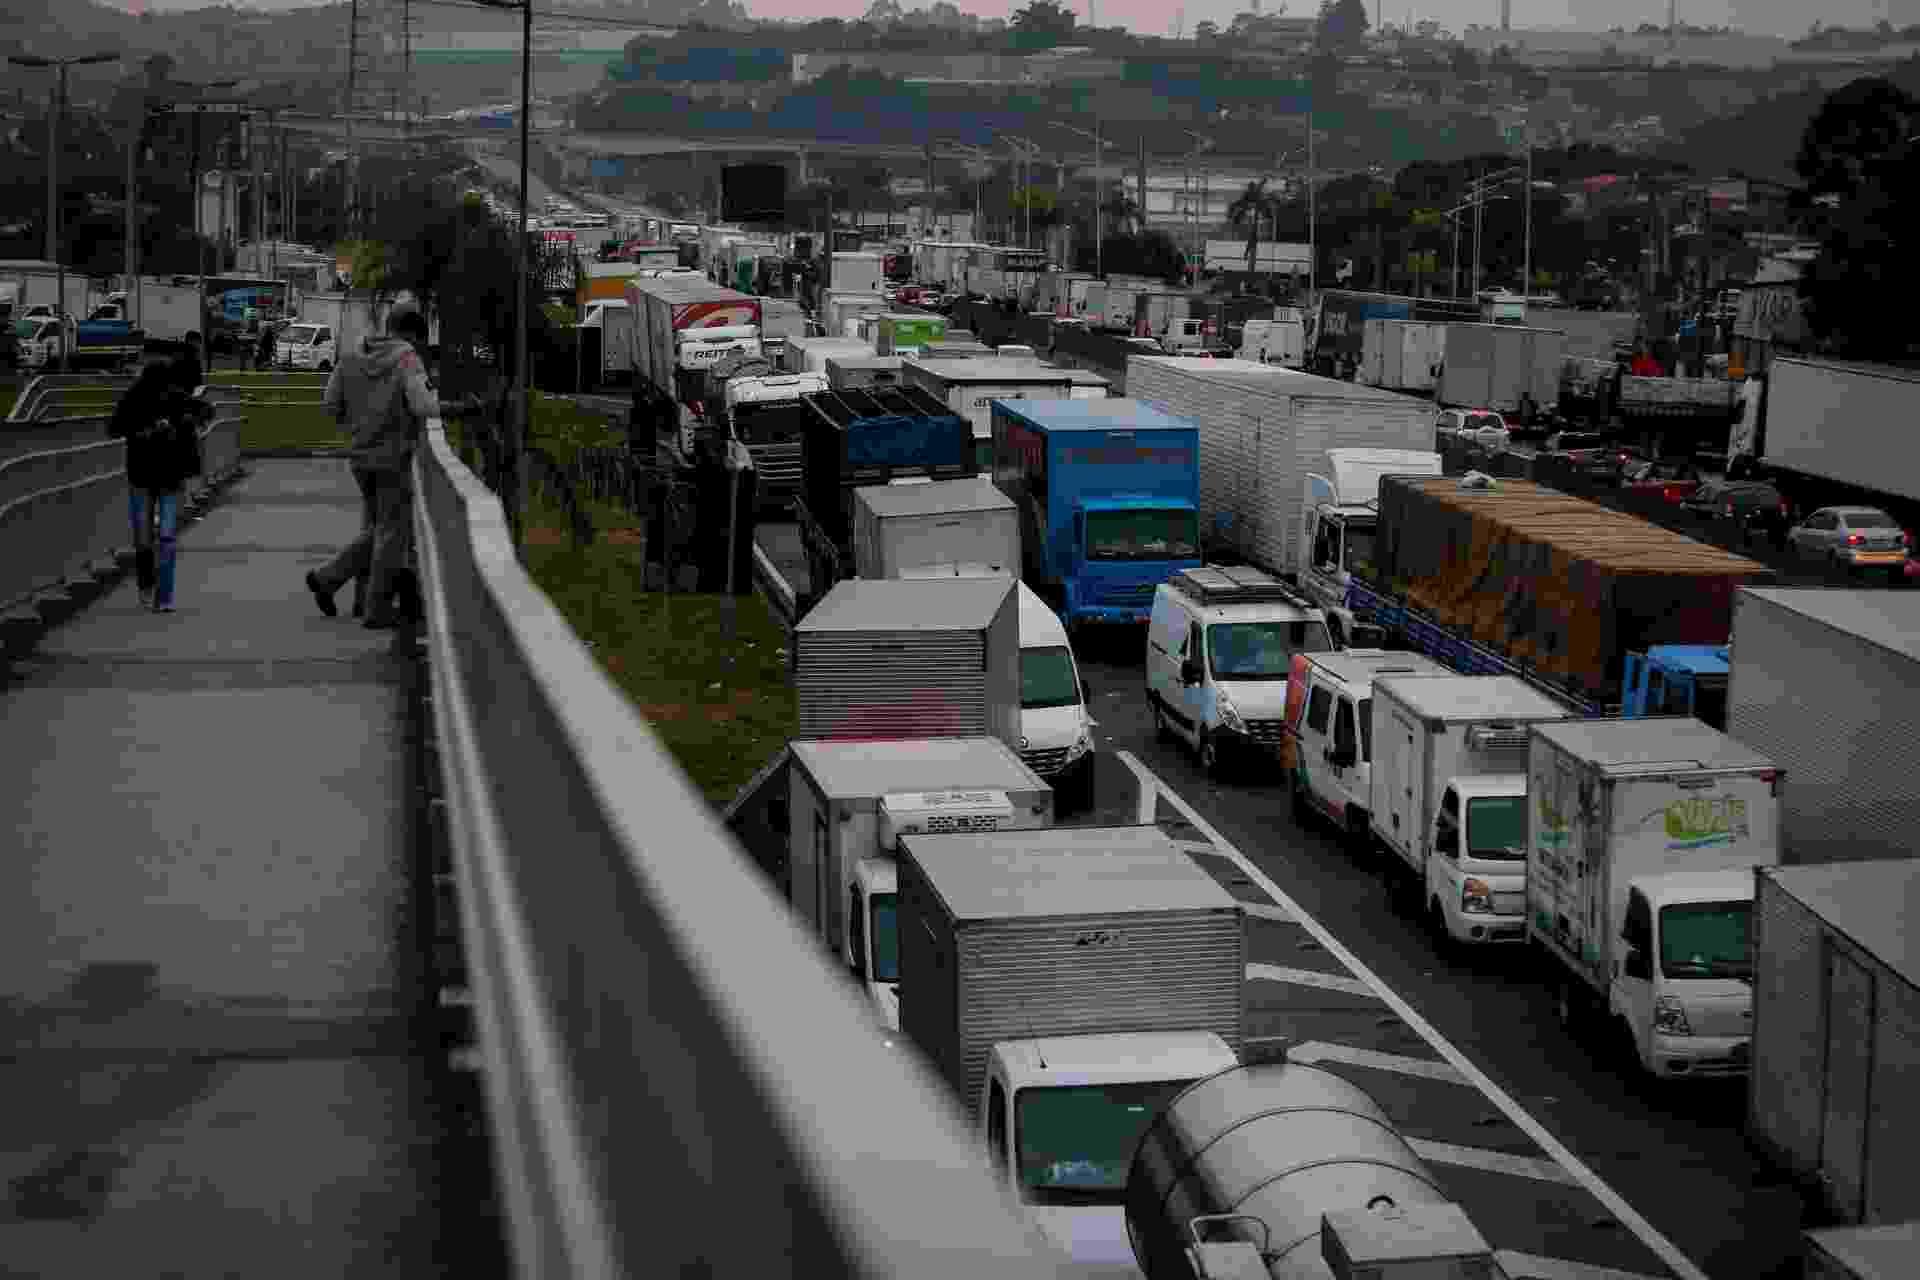 25.05.2018 - Caminhoneiros protestam e bloqueiam a rodovia Régis Bittencourt, na altura do quilômetro 280, próximo de Embu das Artes, em São Paulo - Felipe Rau/Estadão Conteúdo